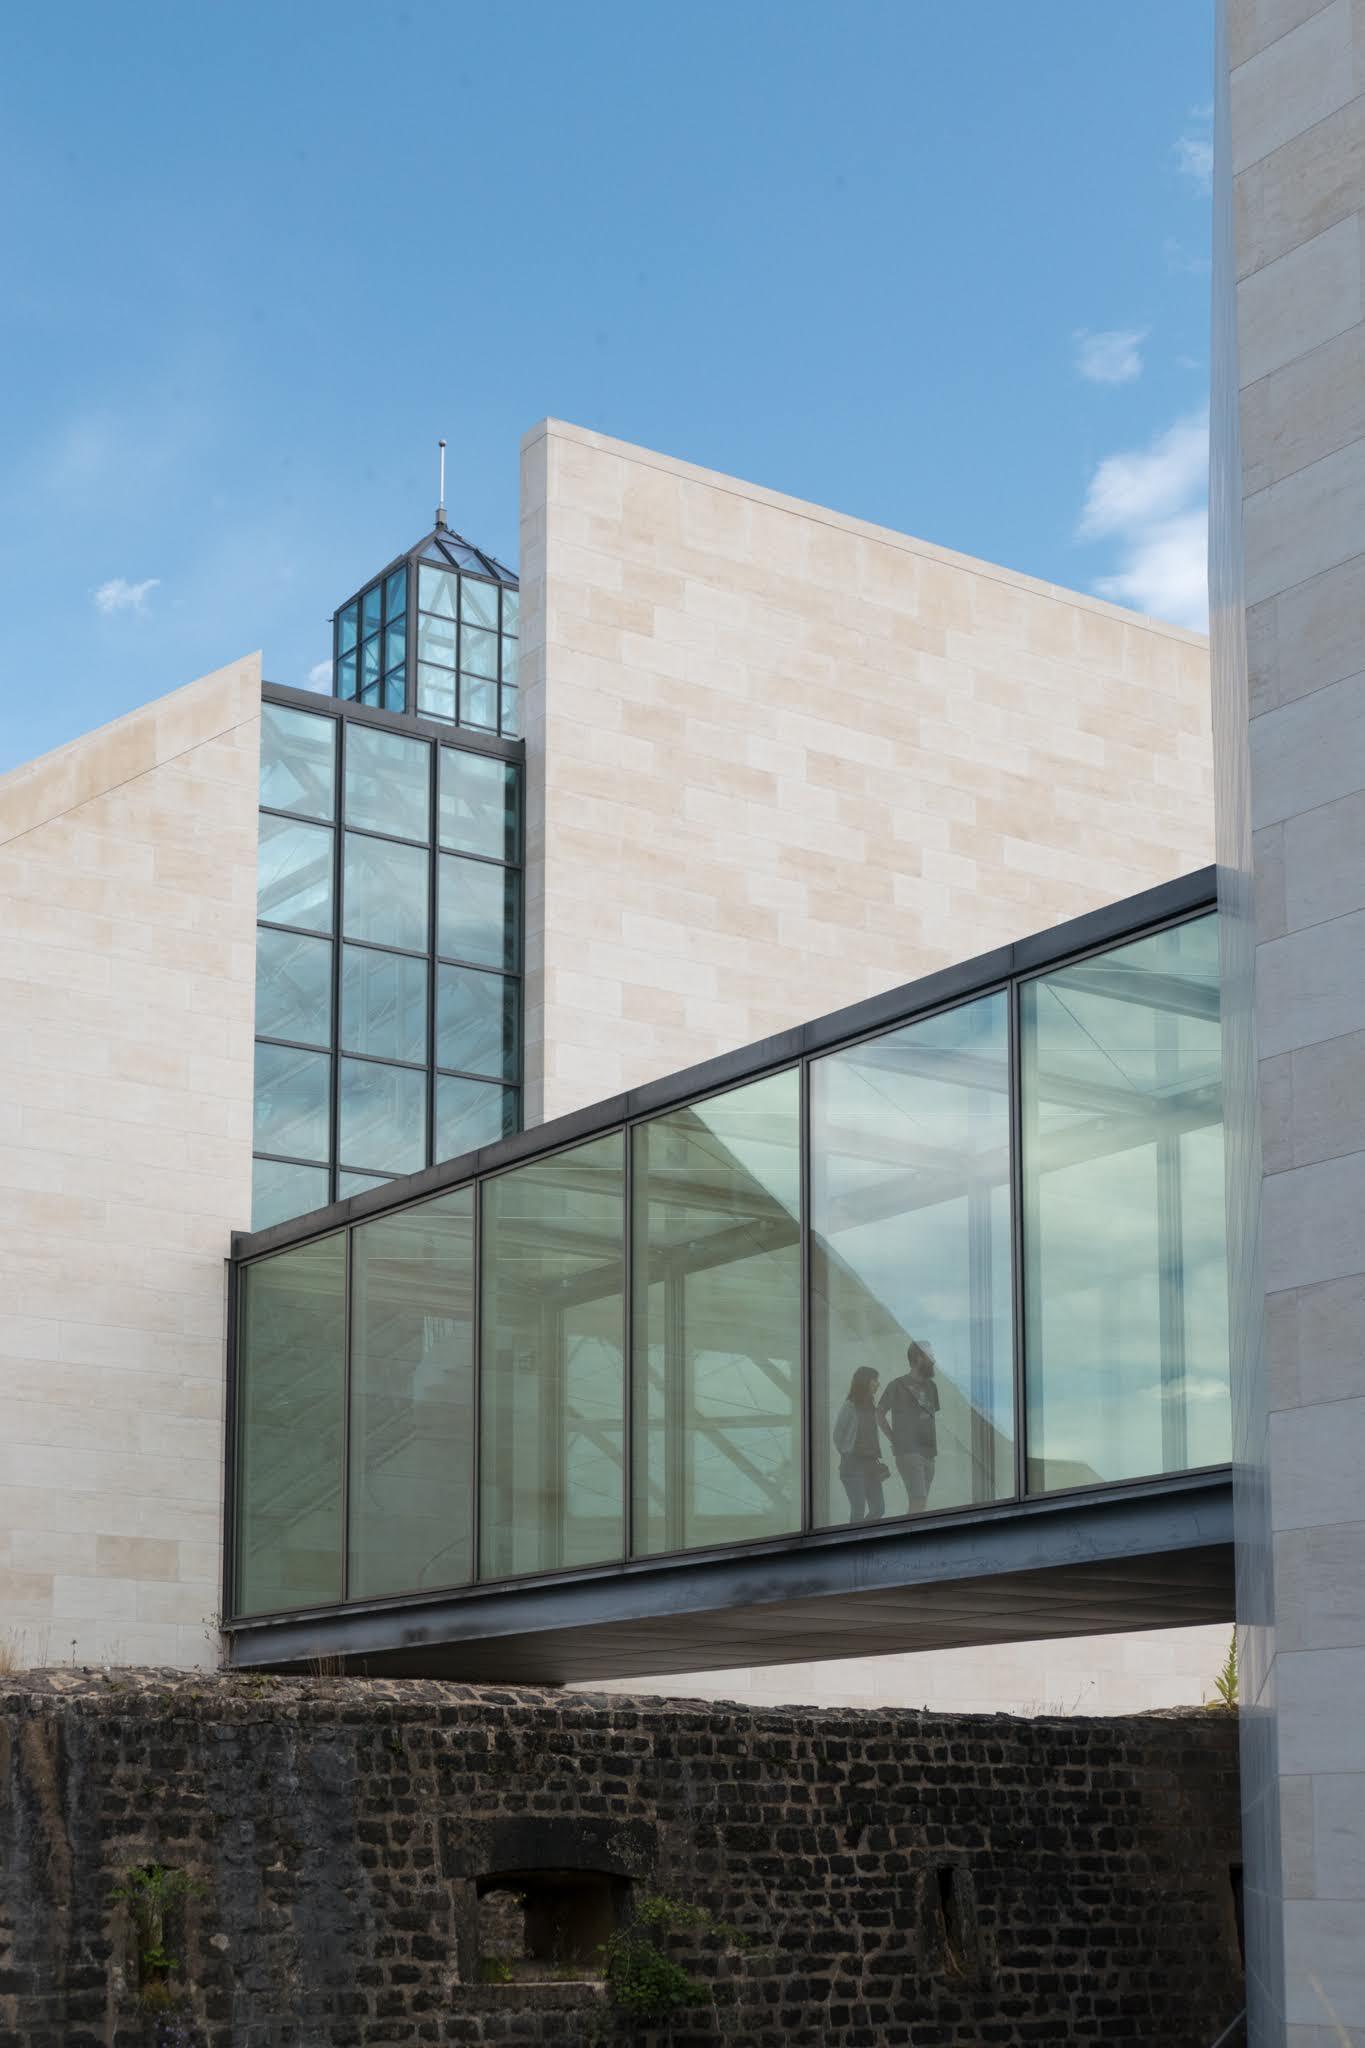 Modern glas, oude stenen - Prachtig museum voor moderne kunst bij Luxemburg, heel mooi gebouw gebouwd op een oude ruïne. Om nog maar niet te spreken over de collectie binnen.. - foto door Defoxx op 16-04-2021 - deze foto bevat: modern, glas, architectuur, luxemburg, reis, strak, lijnenspel, lucht, gebouw, wolk, venster, armatuur, buurt, woongebied, steen, materiële eigenschap, samengesteld materiaal